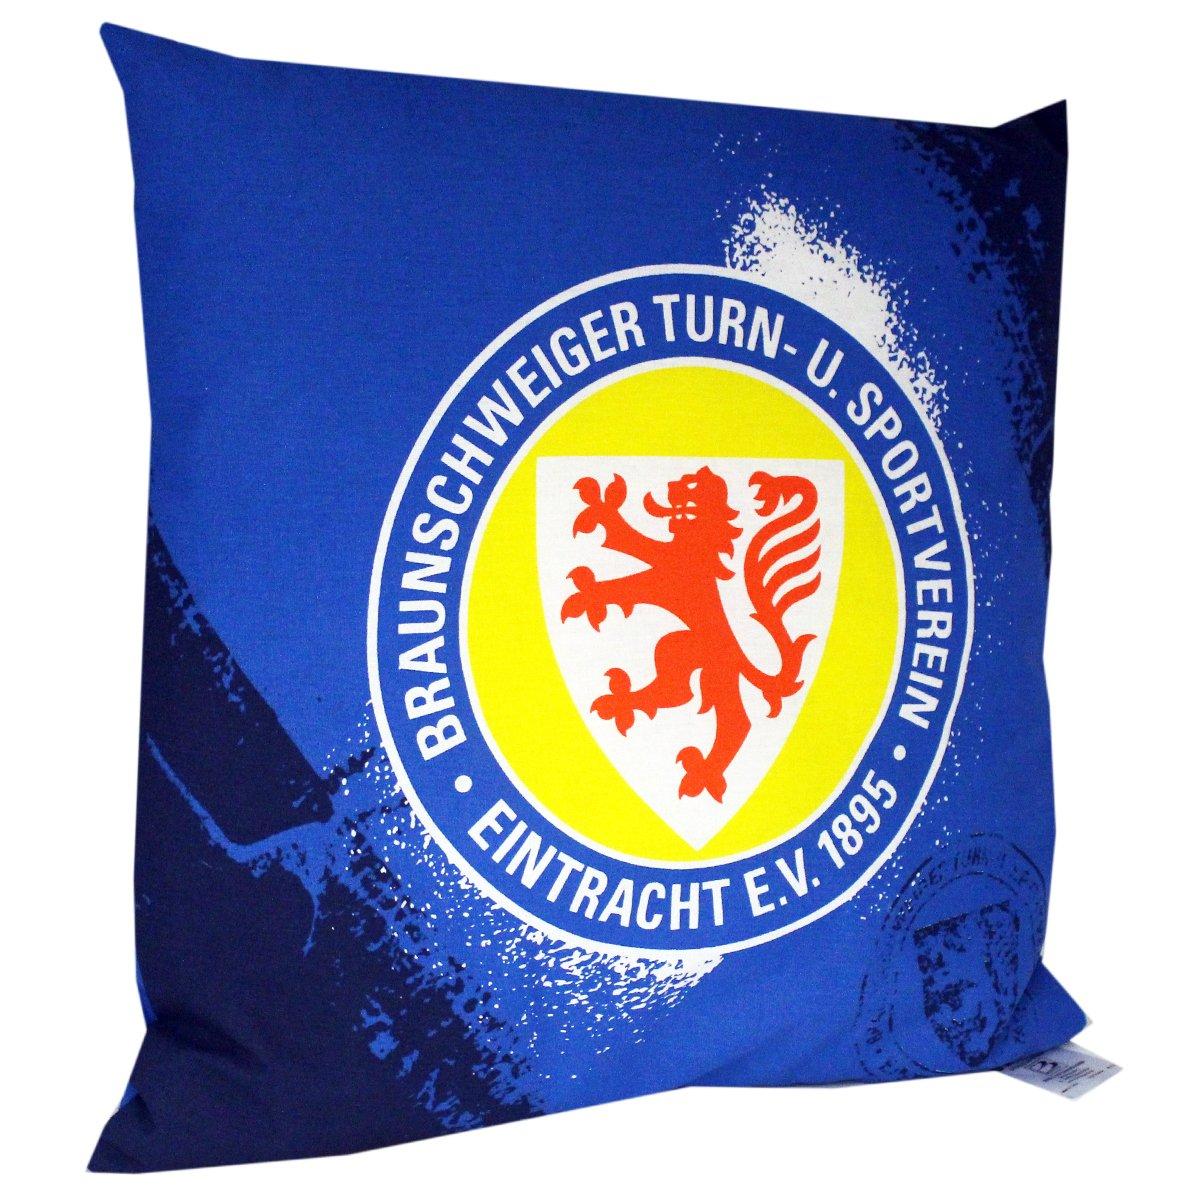 Eintracht Braunschweig Kissen Grunge ca. 38x38cm 100% Baumwolle